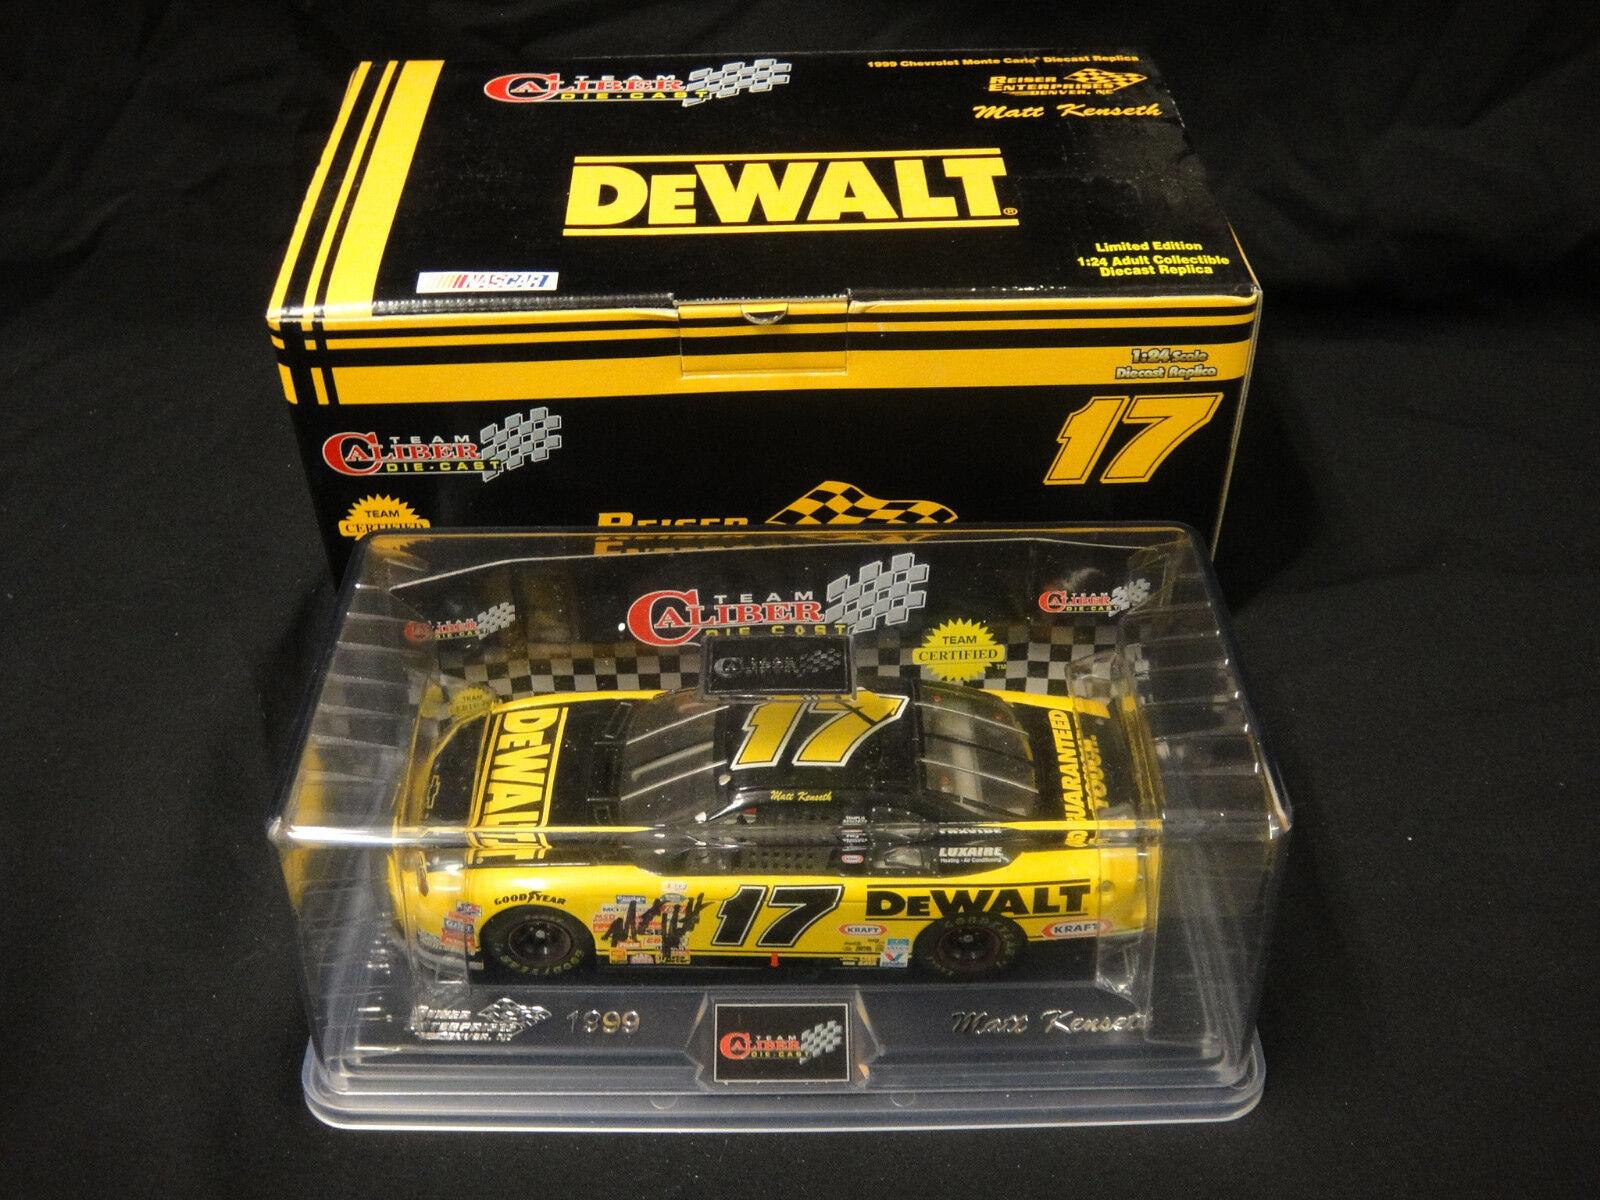 Autografiado equipo de calibre Matt Kenseth DeWalt Racing 1 24 escala Diecast 1999